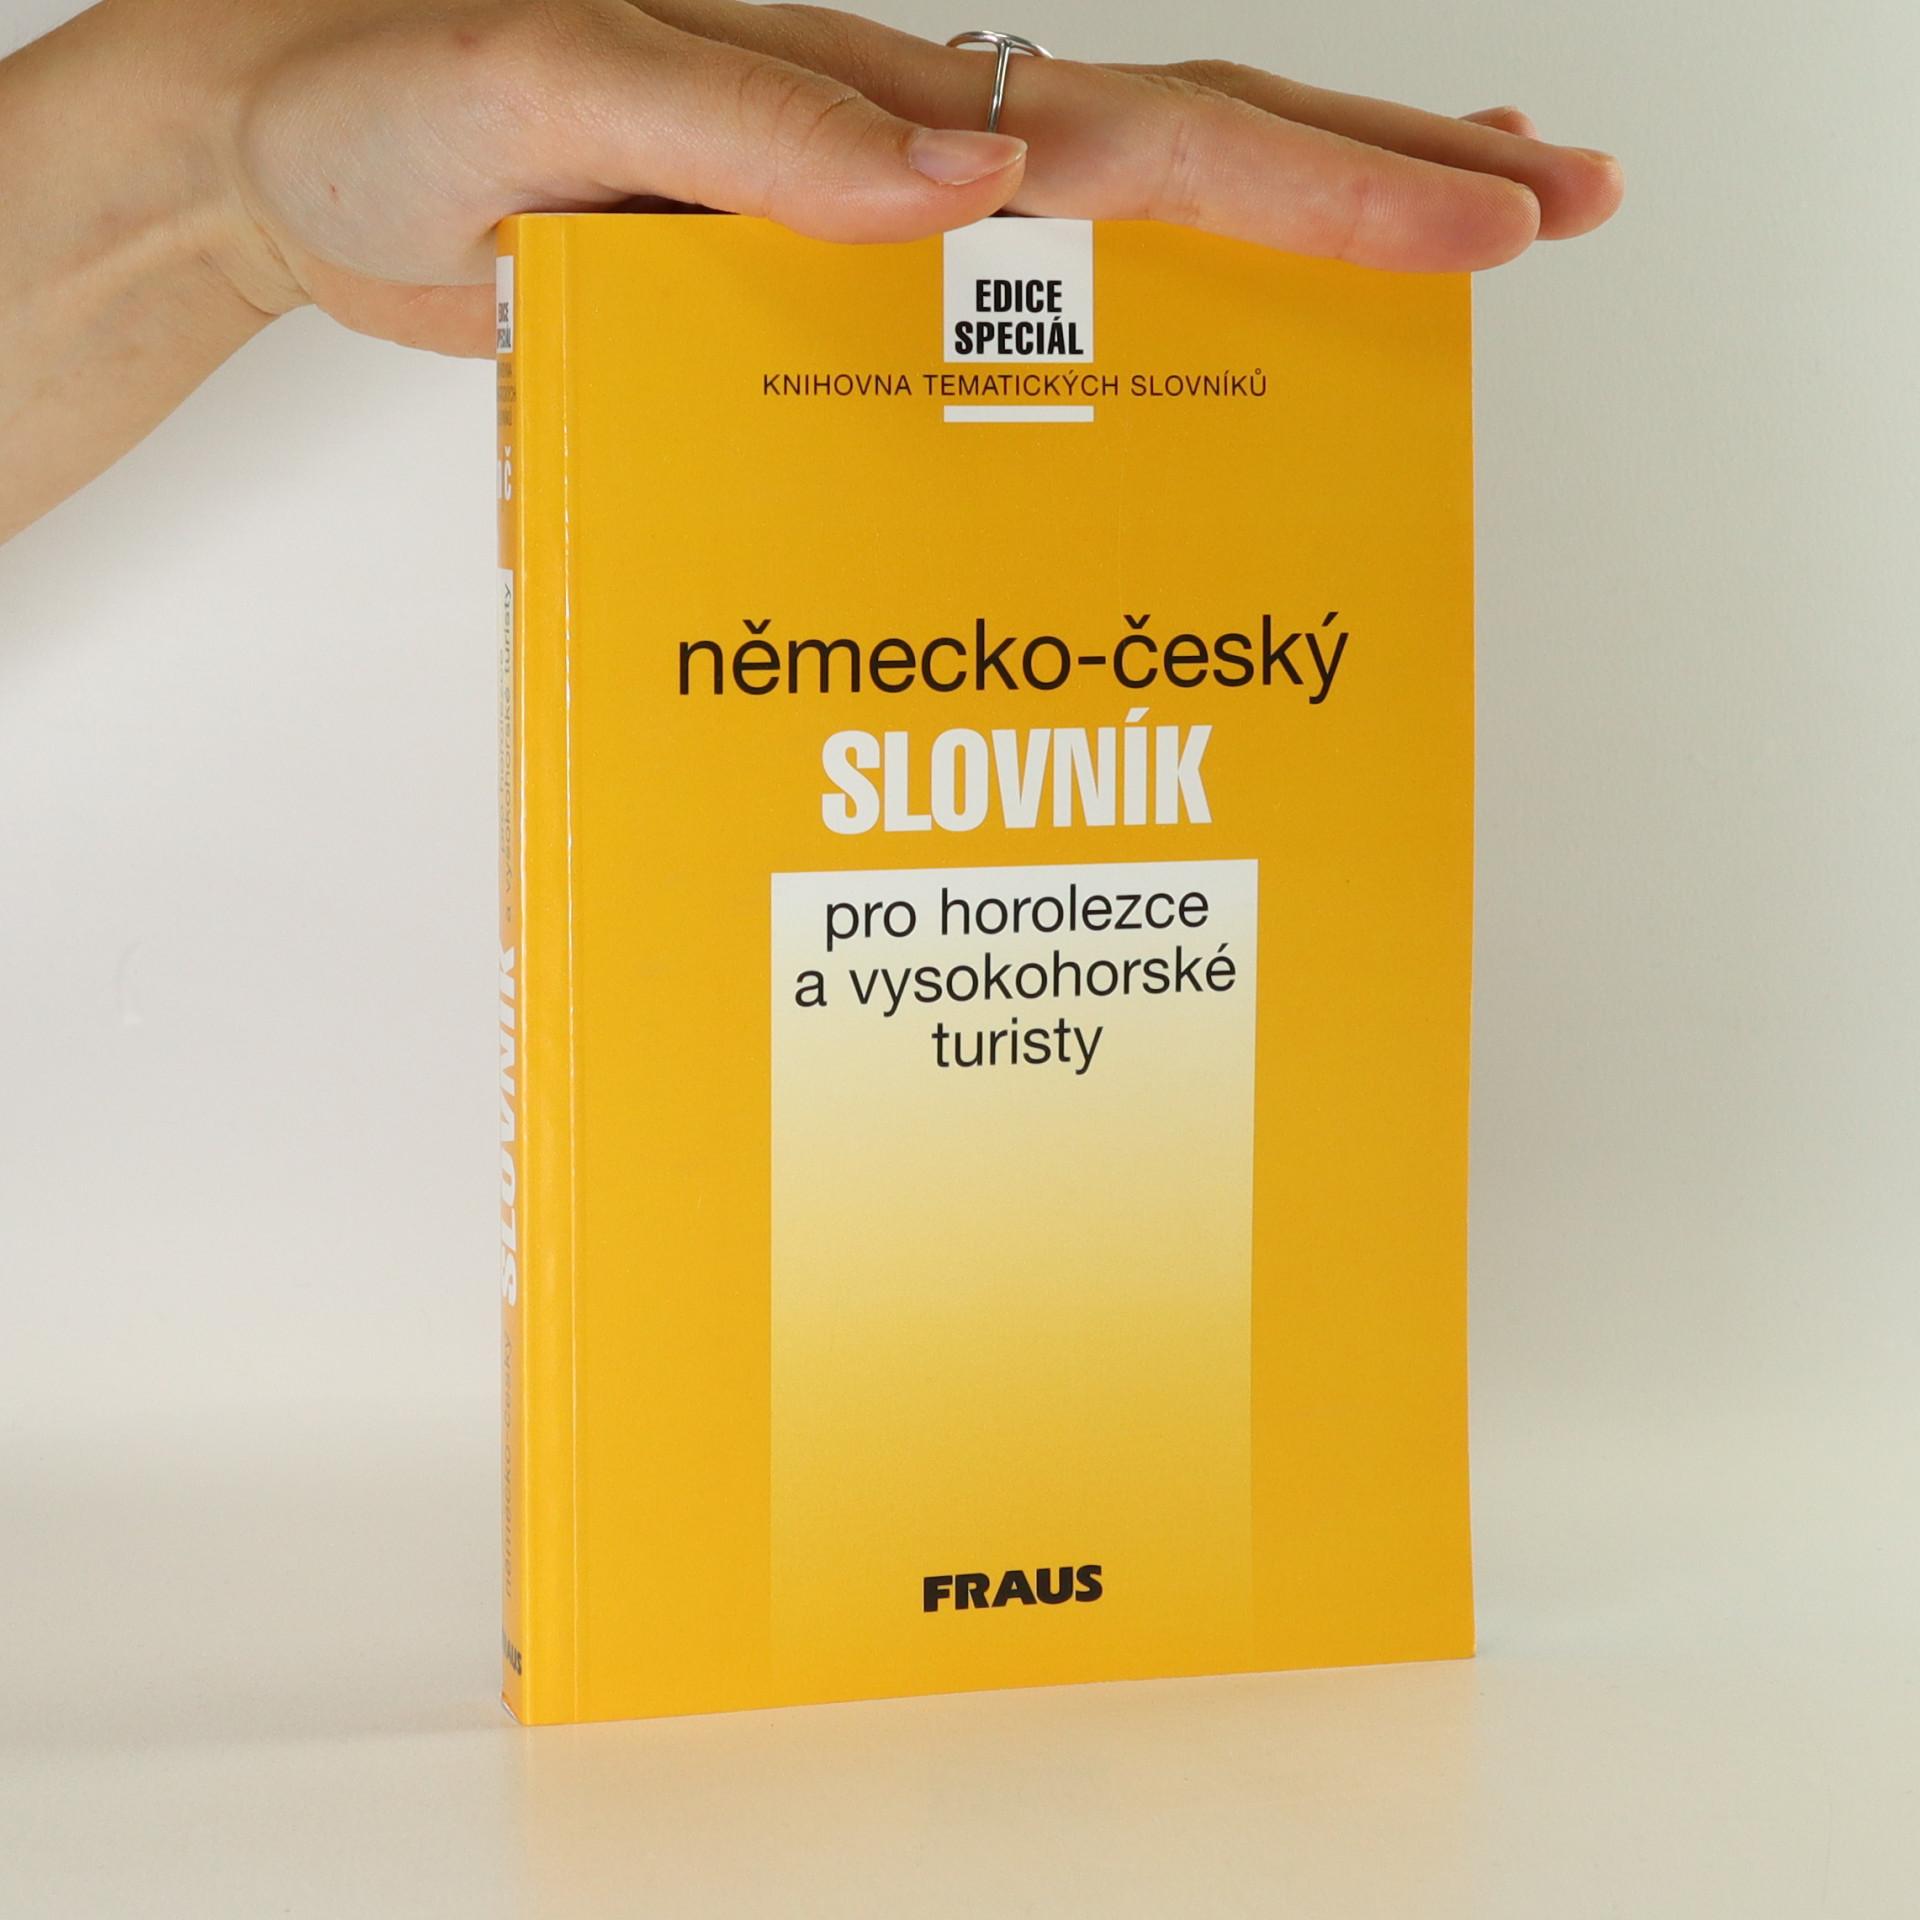 antikvární kniha Německo-český slovník pro horolezce a vysokohorské turisty, 1997